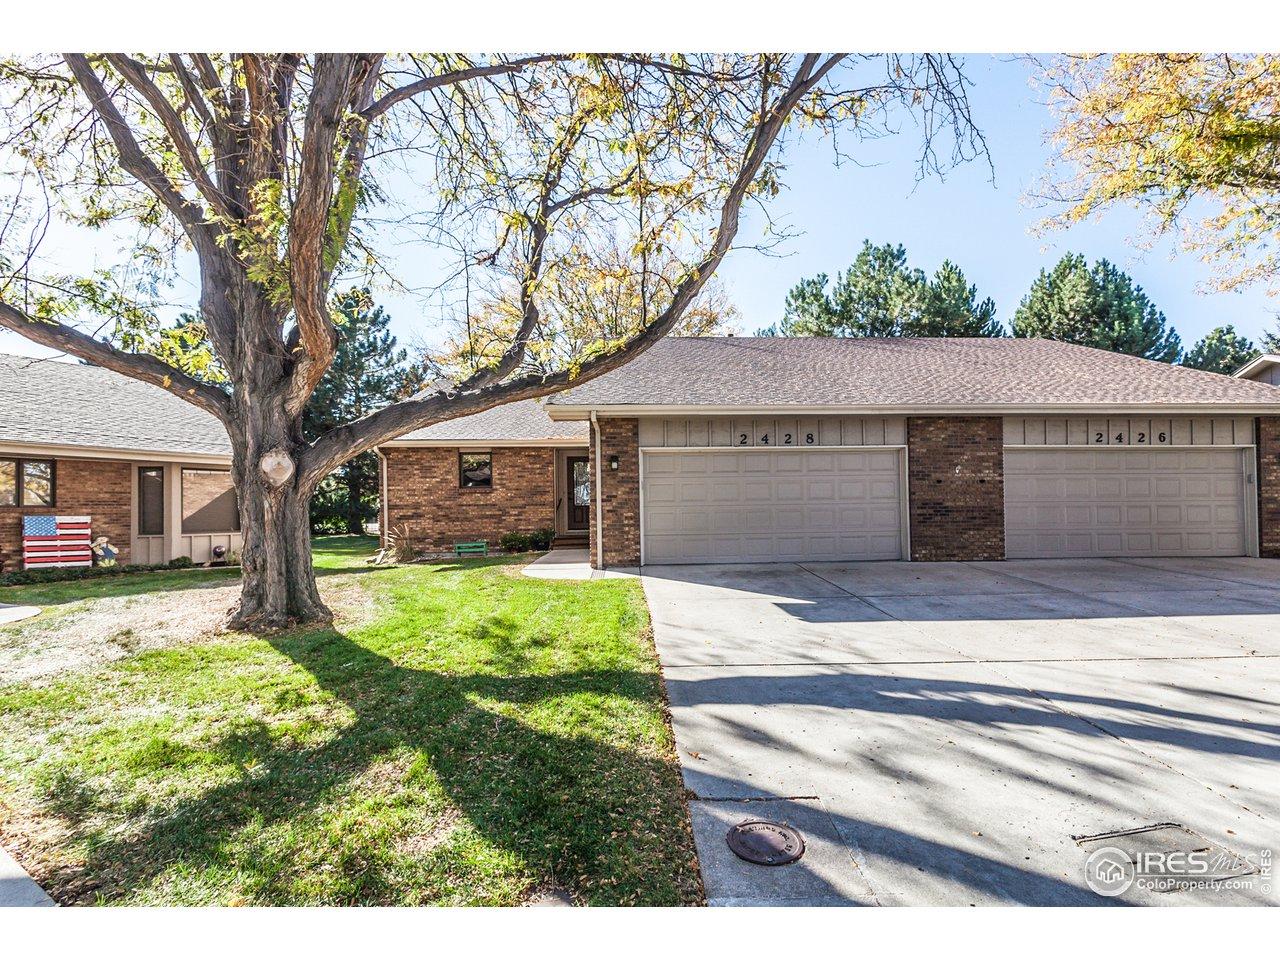 2428 Boise Ave, Loveland CO 80538